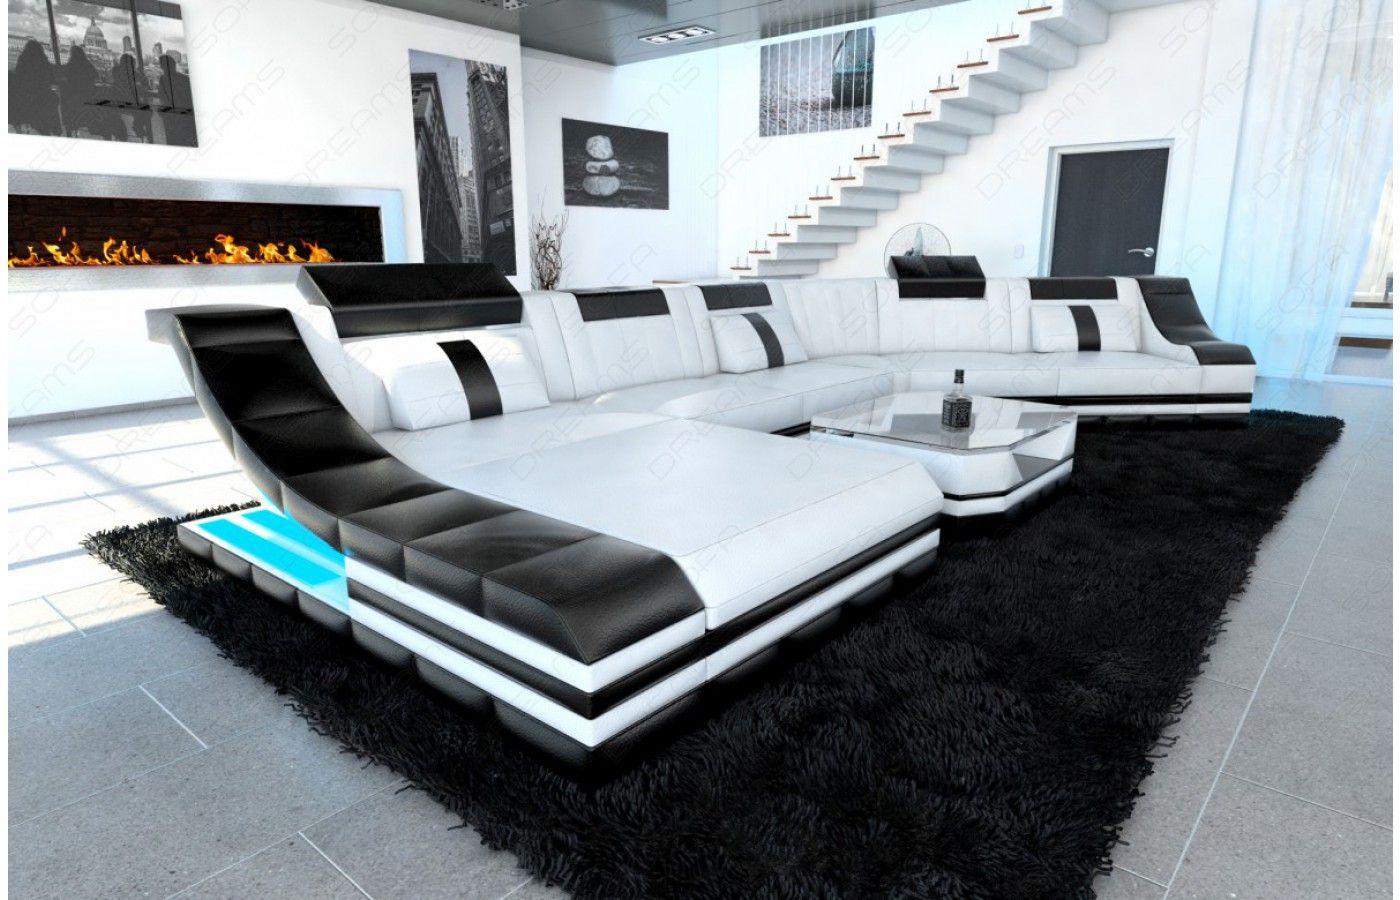 Ledercouch schwarz kissen  Designer Ledercouch Schwarz: Jvmoebel ledersofa couch sofa ecksofa ...